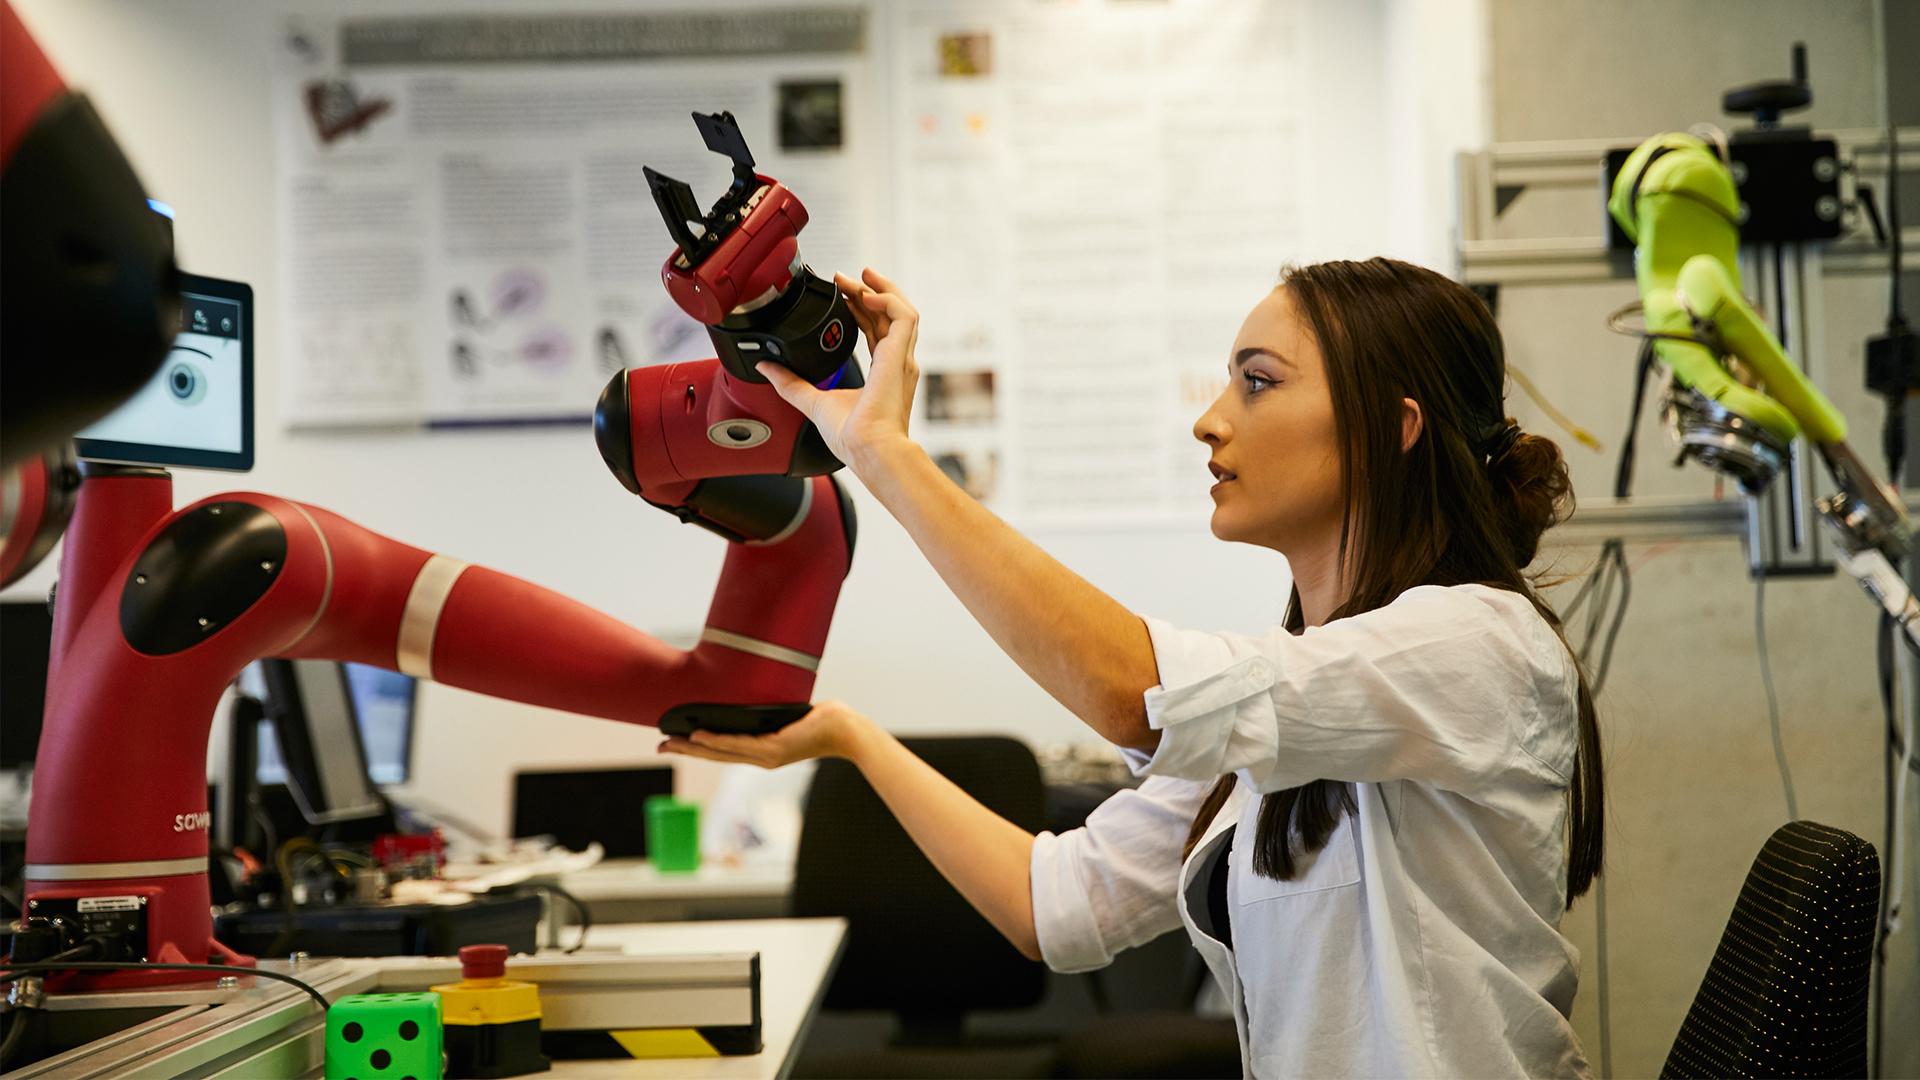 Meet the 19 year old female engineer breaking stereotypes